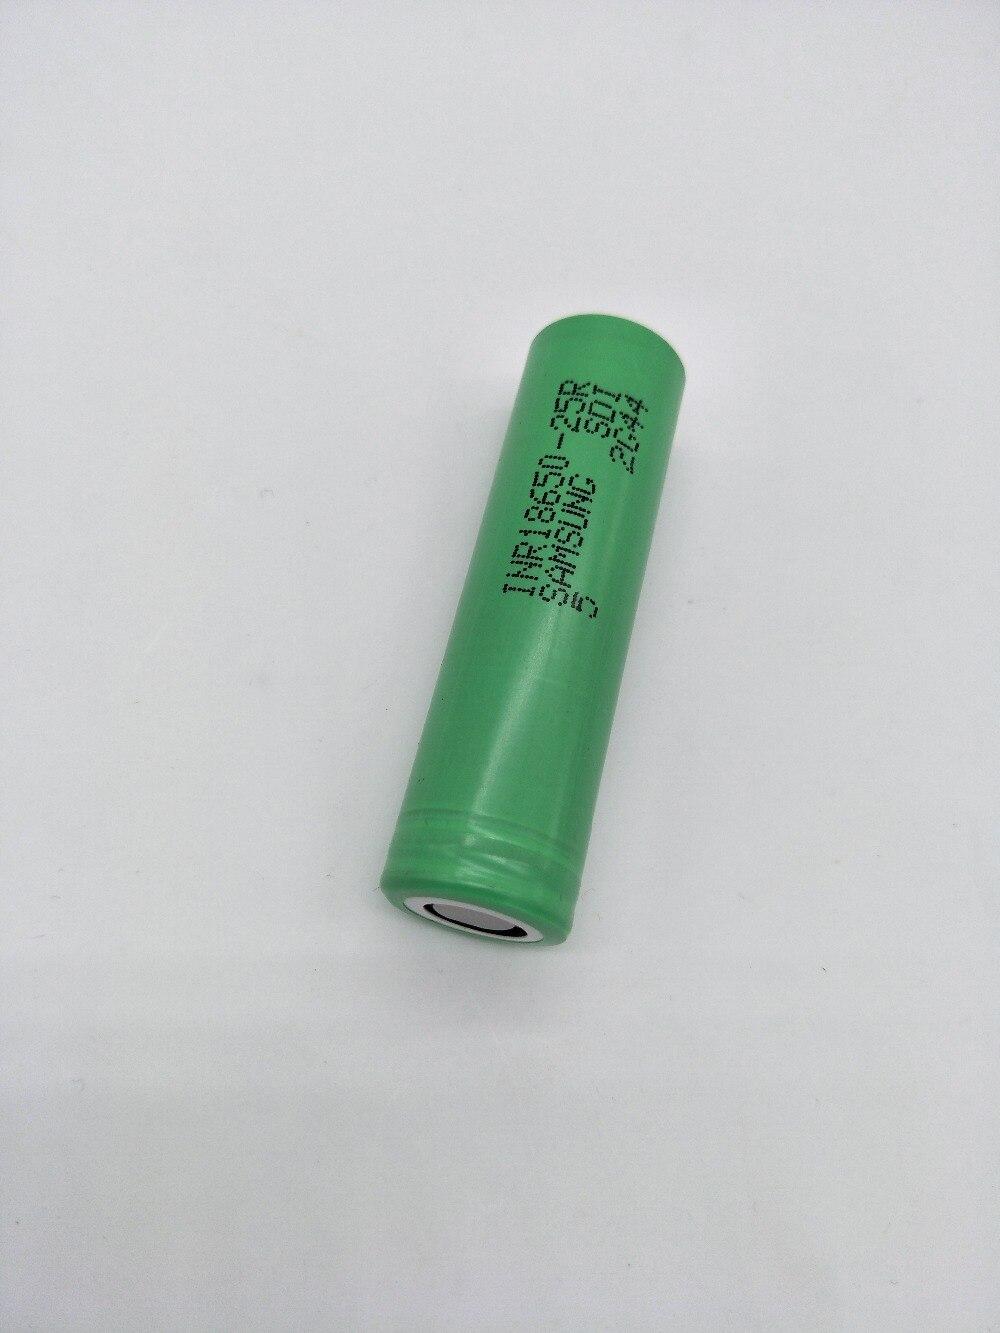 Baterias Recarregáveis bateria Definir o Tipo DE : Apenas Baterias